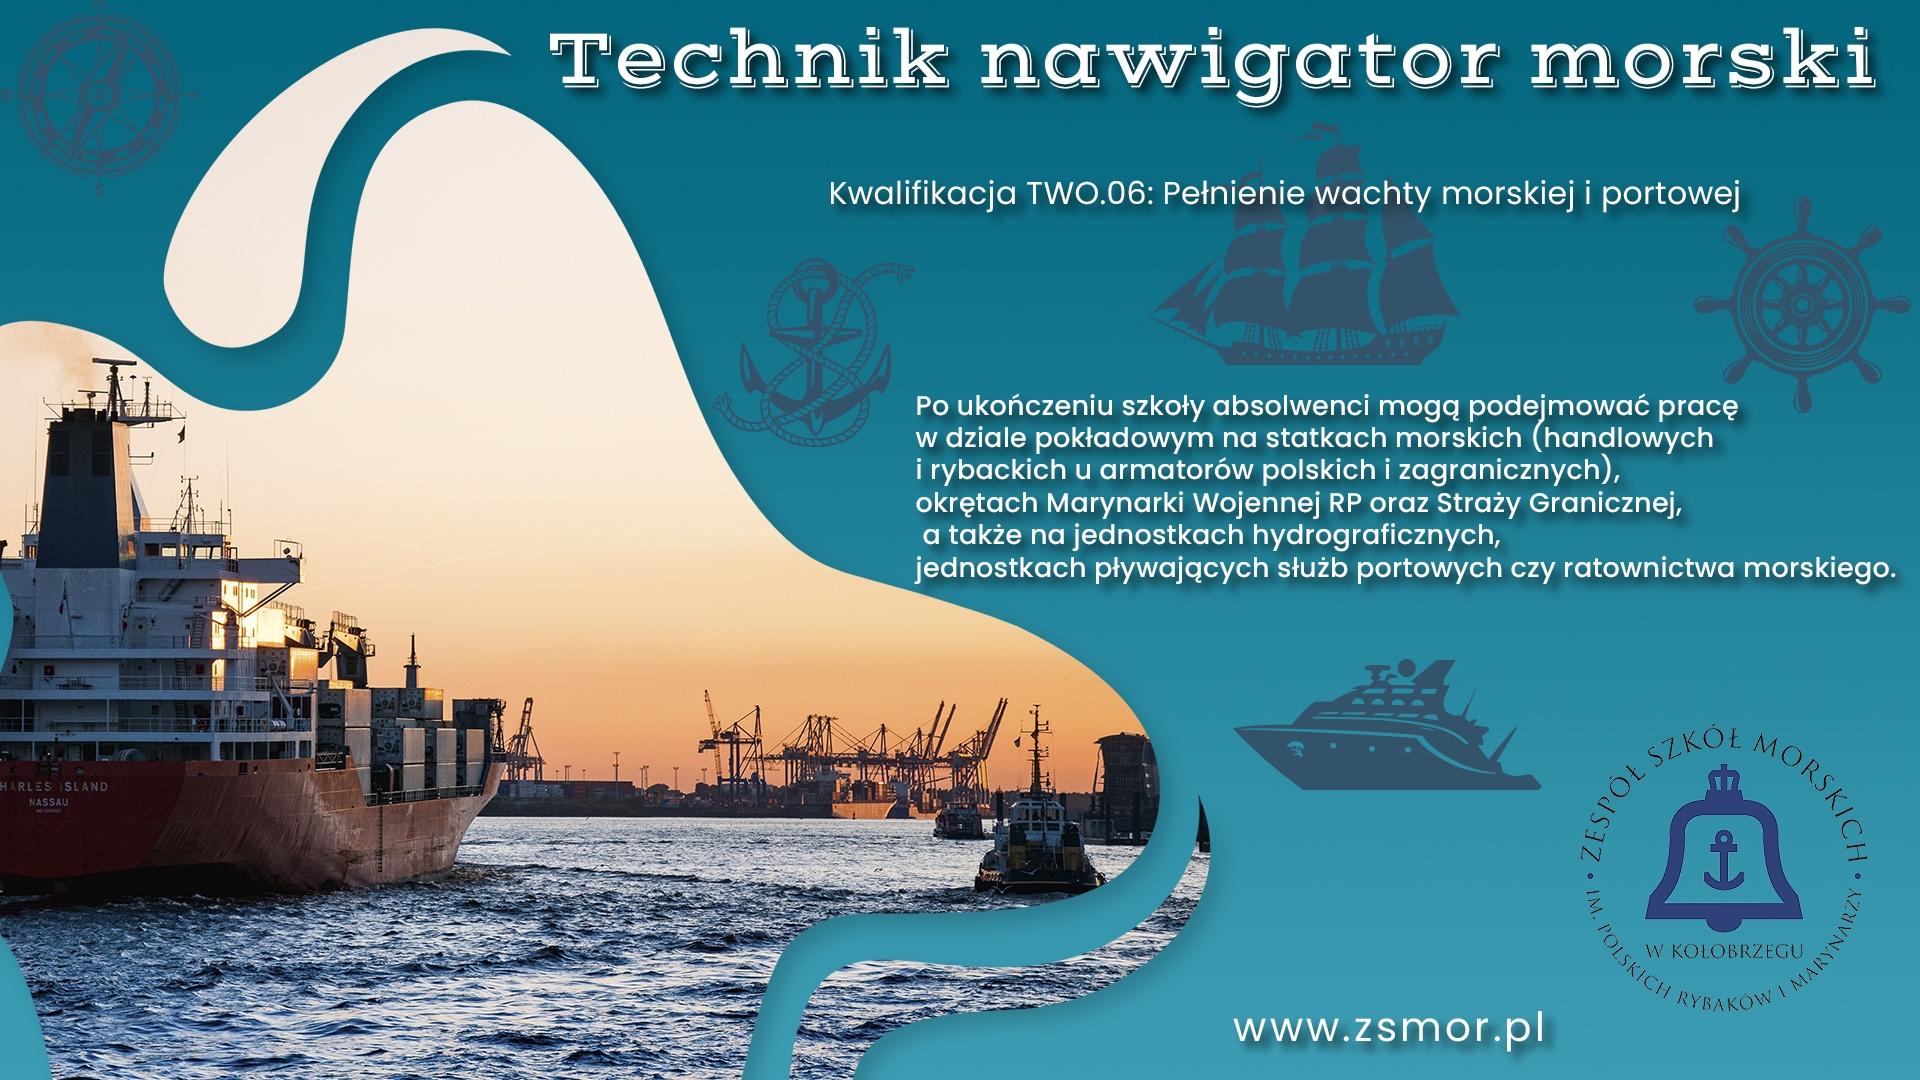 Plakat promujący kierunek nawigacyjny wZSM